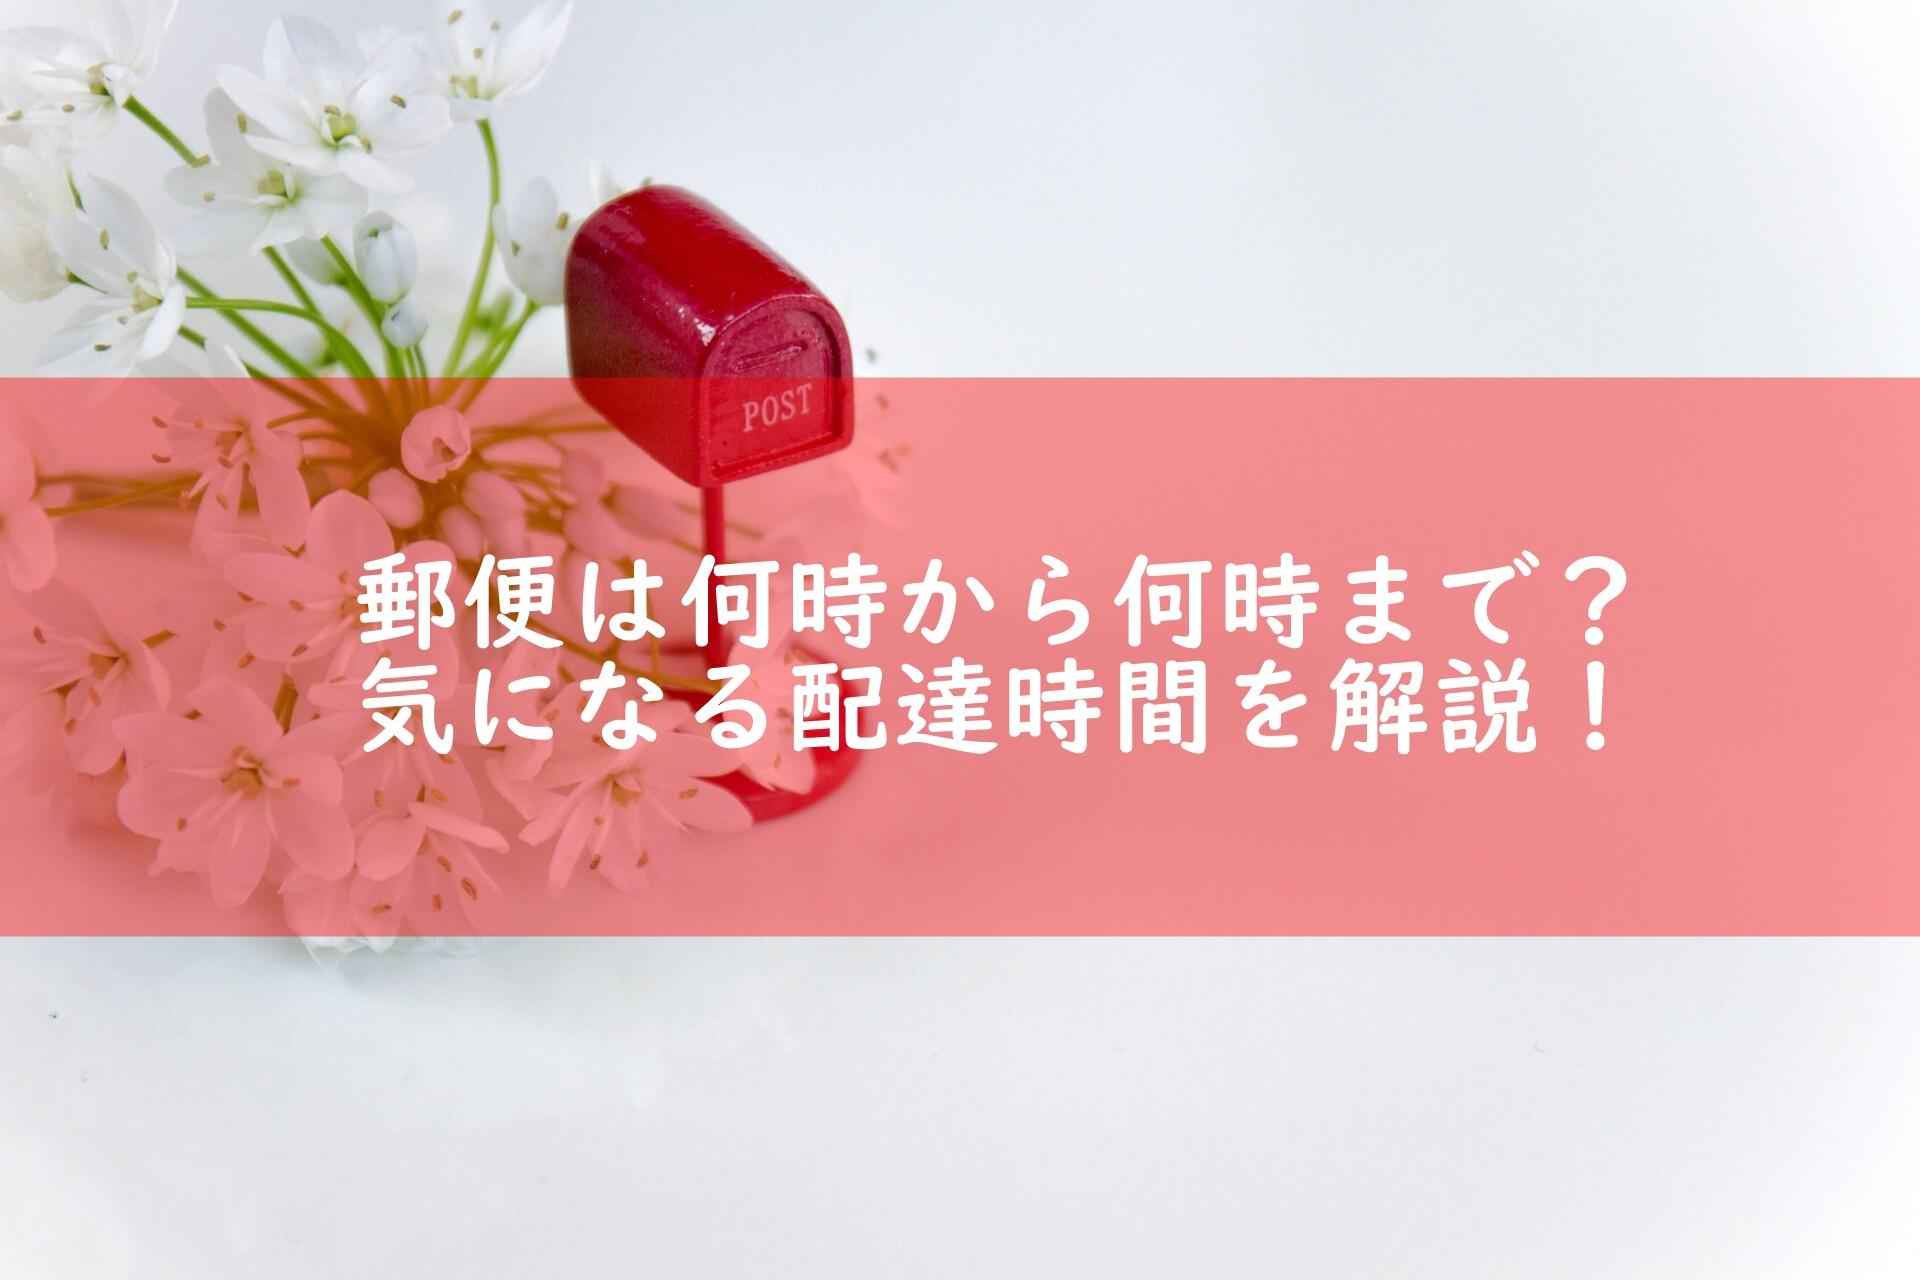 日本 郵便 日曜日